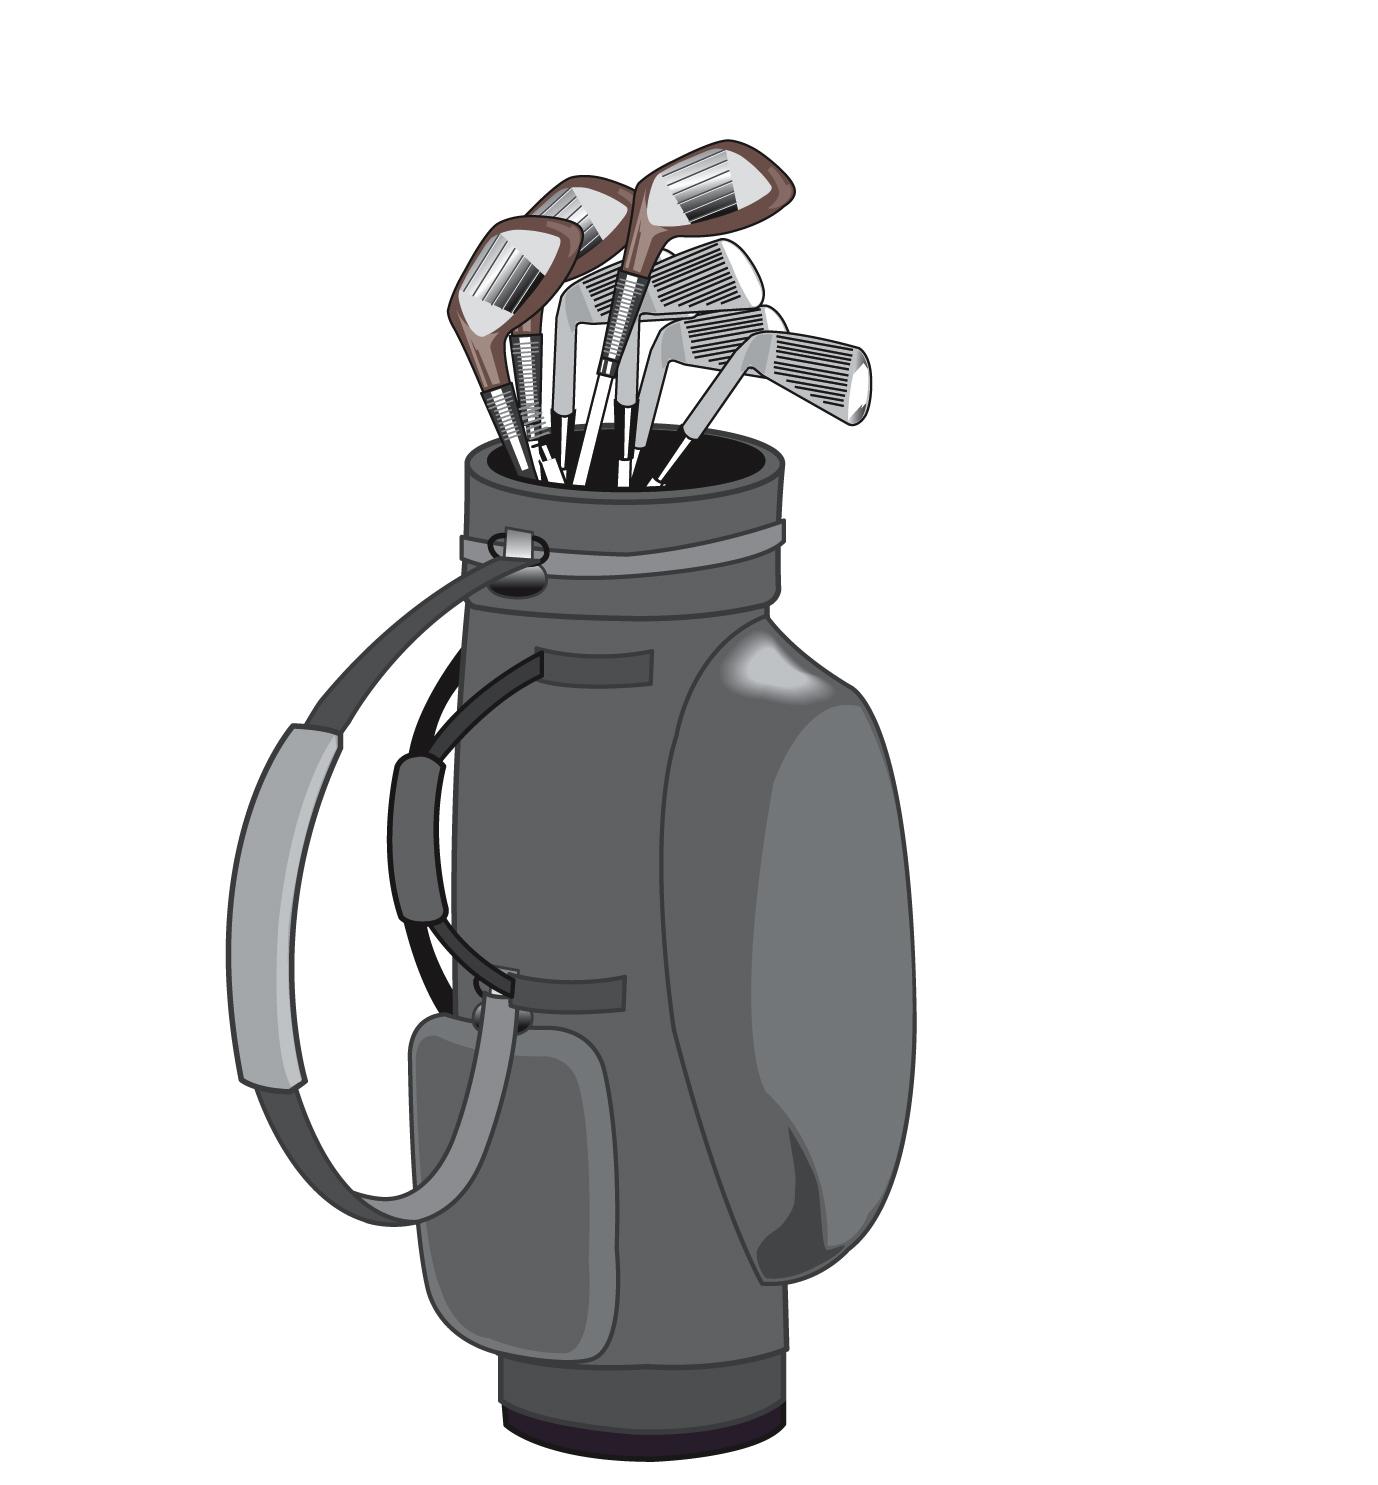 ゴルフ好き芸能人たちに人気のゴルフバッグのメーカーは?